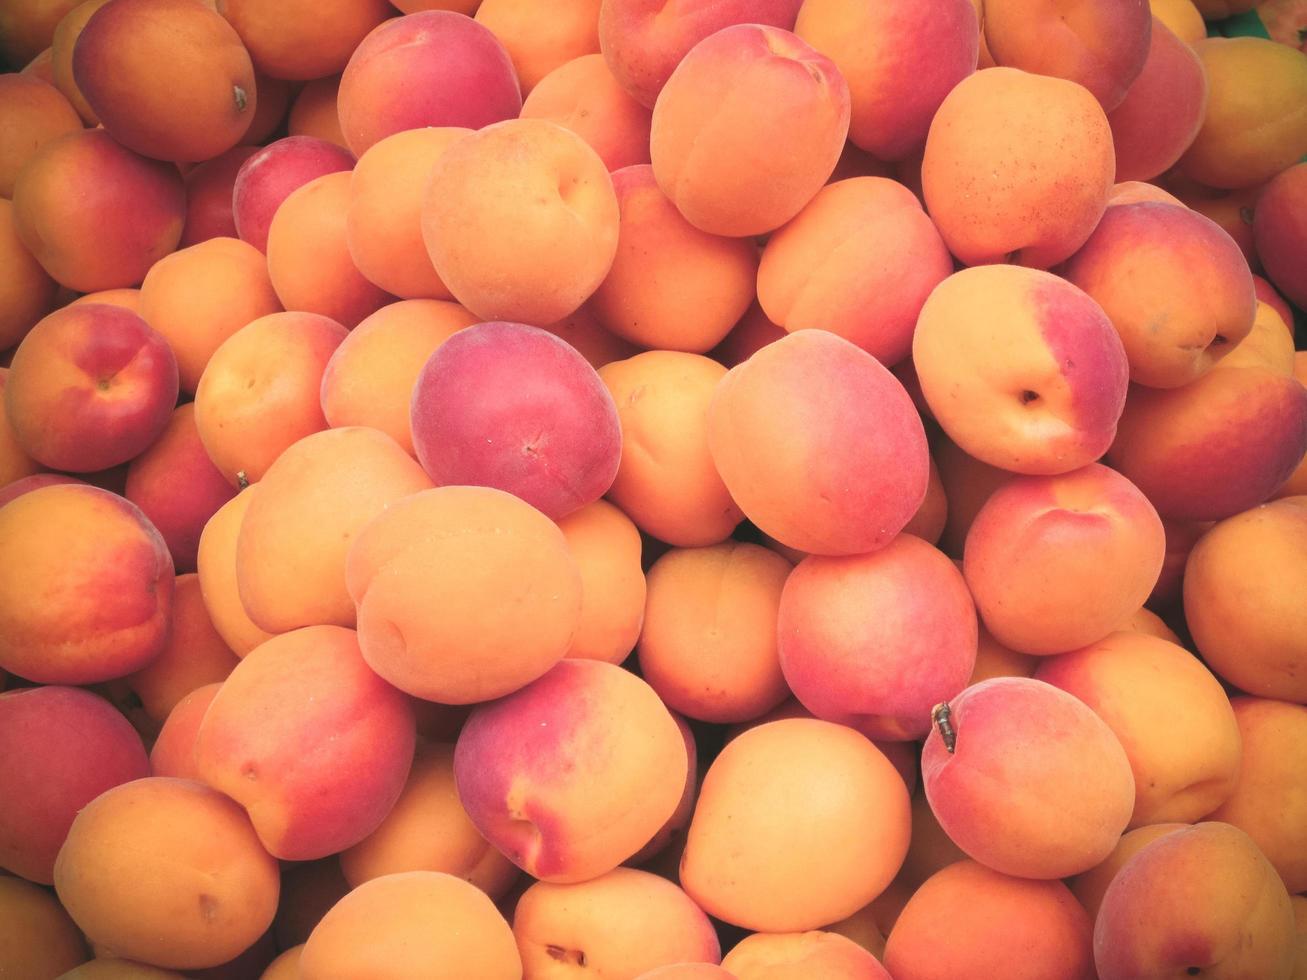 Haufen frischer reifer Pfirsiche zum Verkauf auf dem Markt. foto